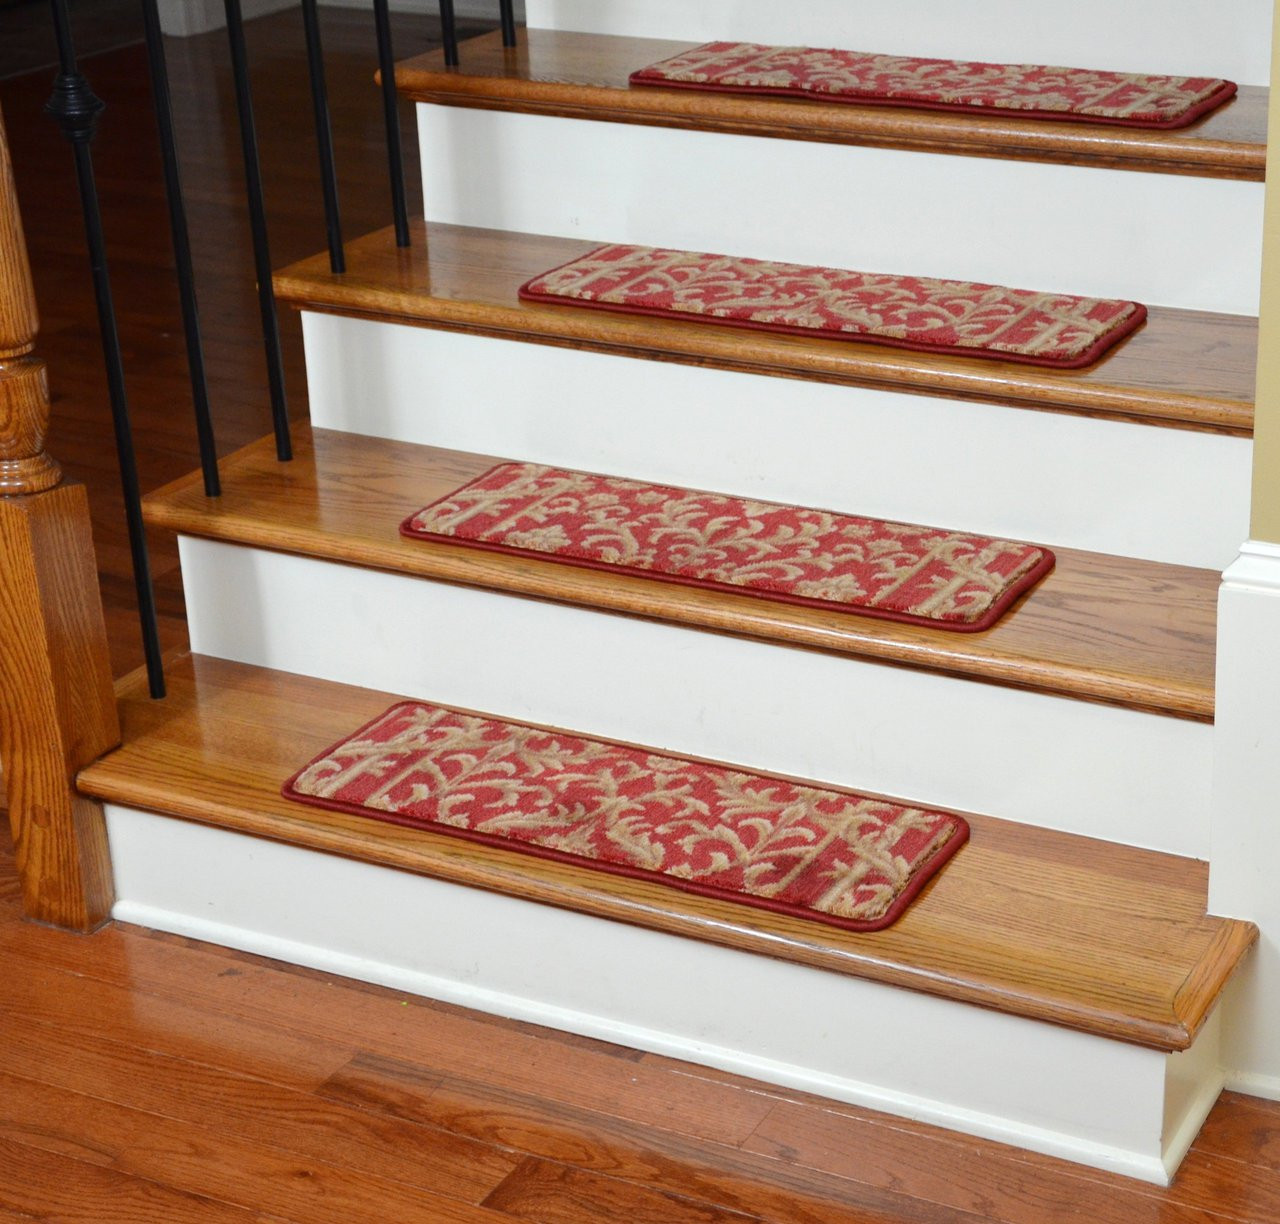 Premium Carpet Stair Treads Baroque Spice Dean Stair